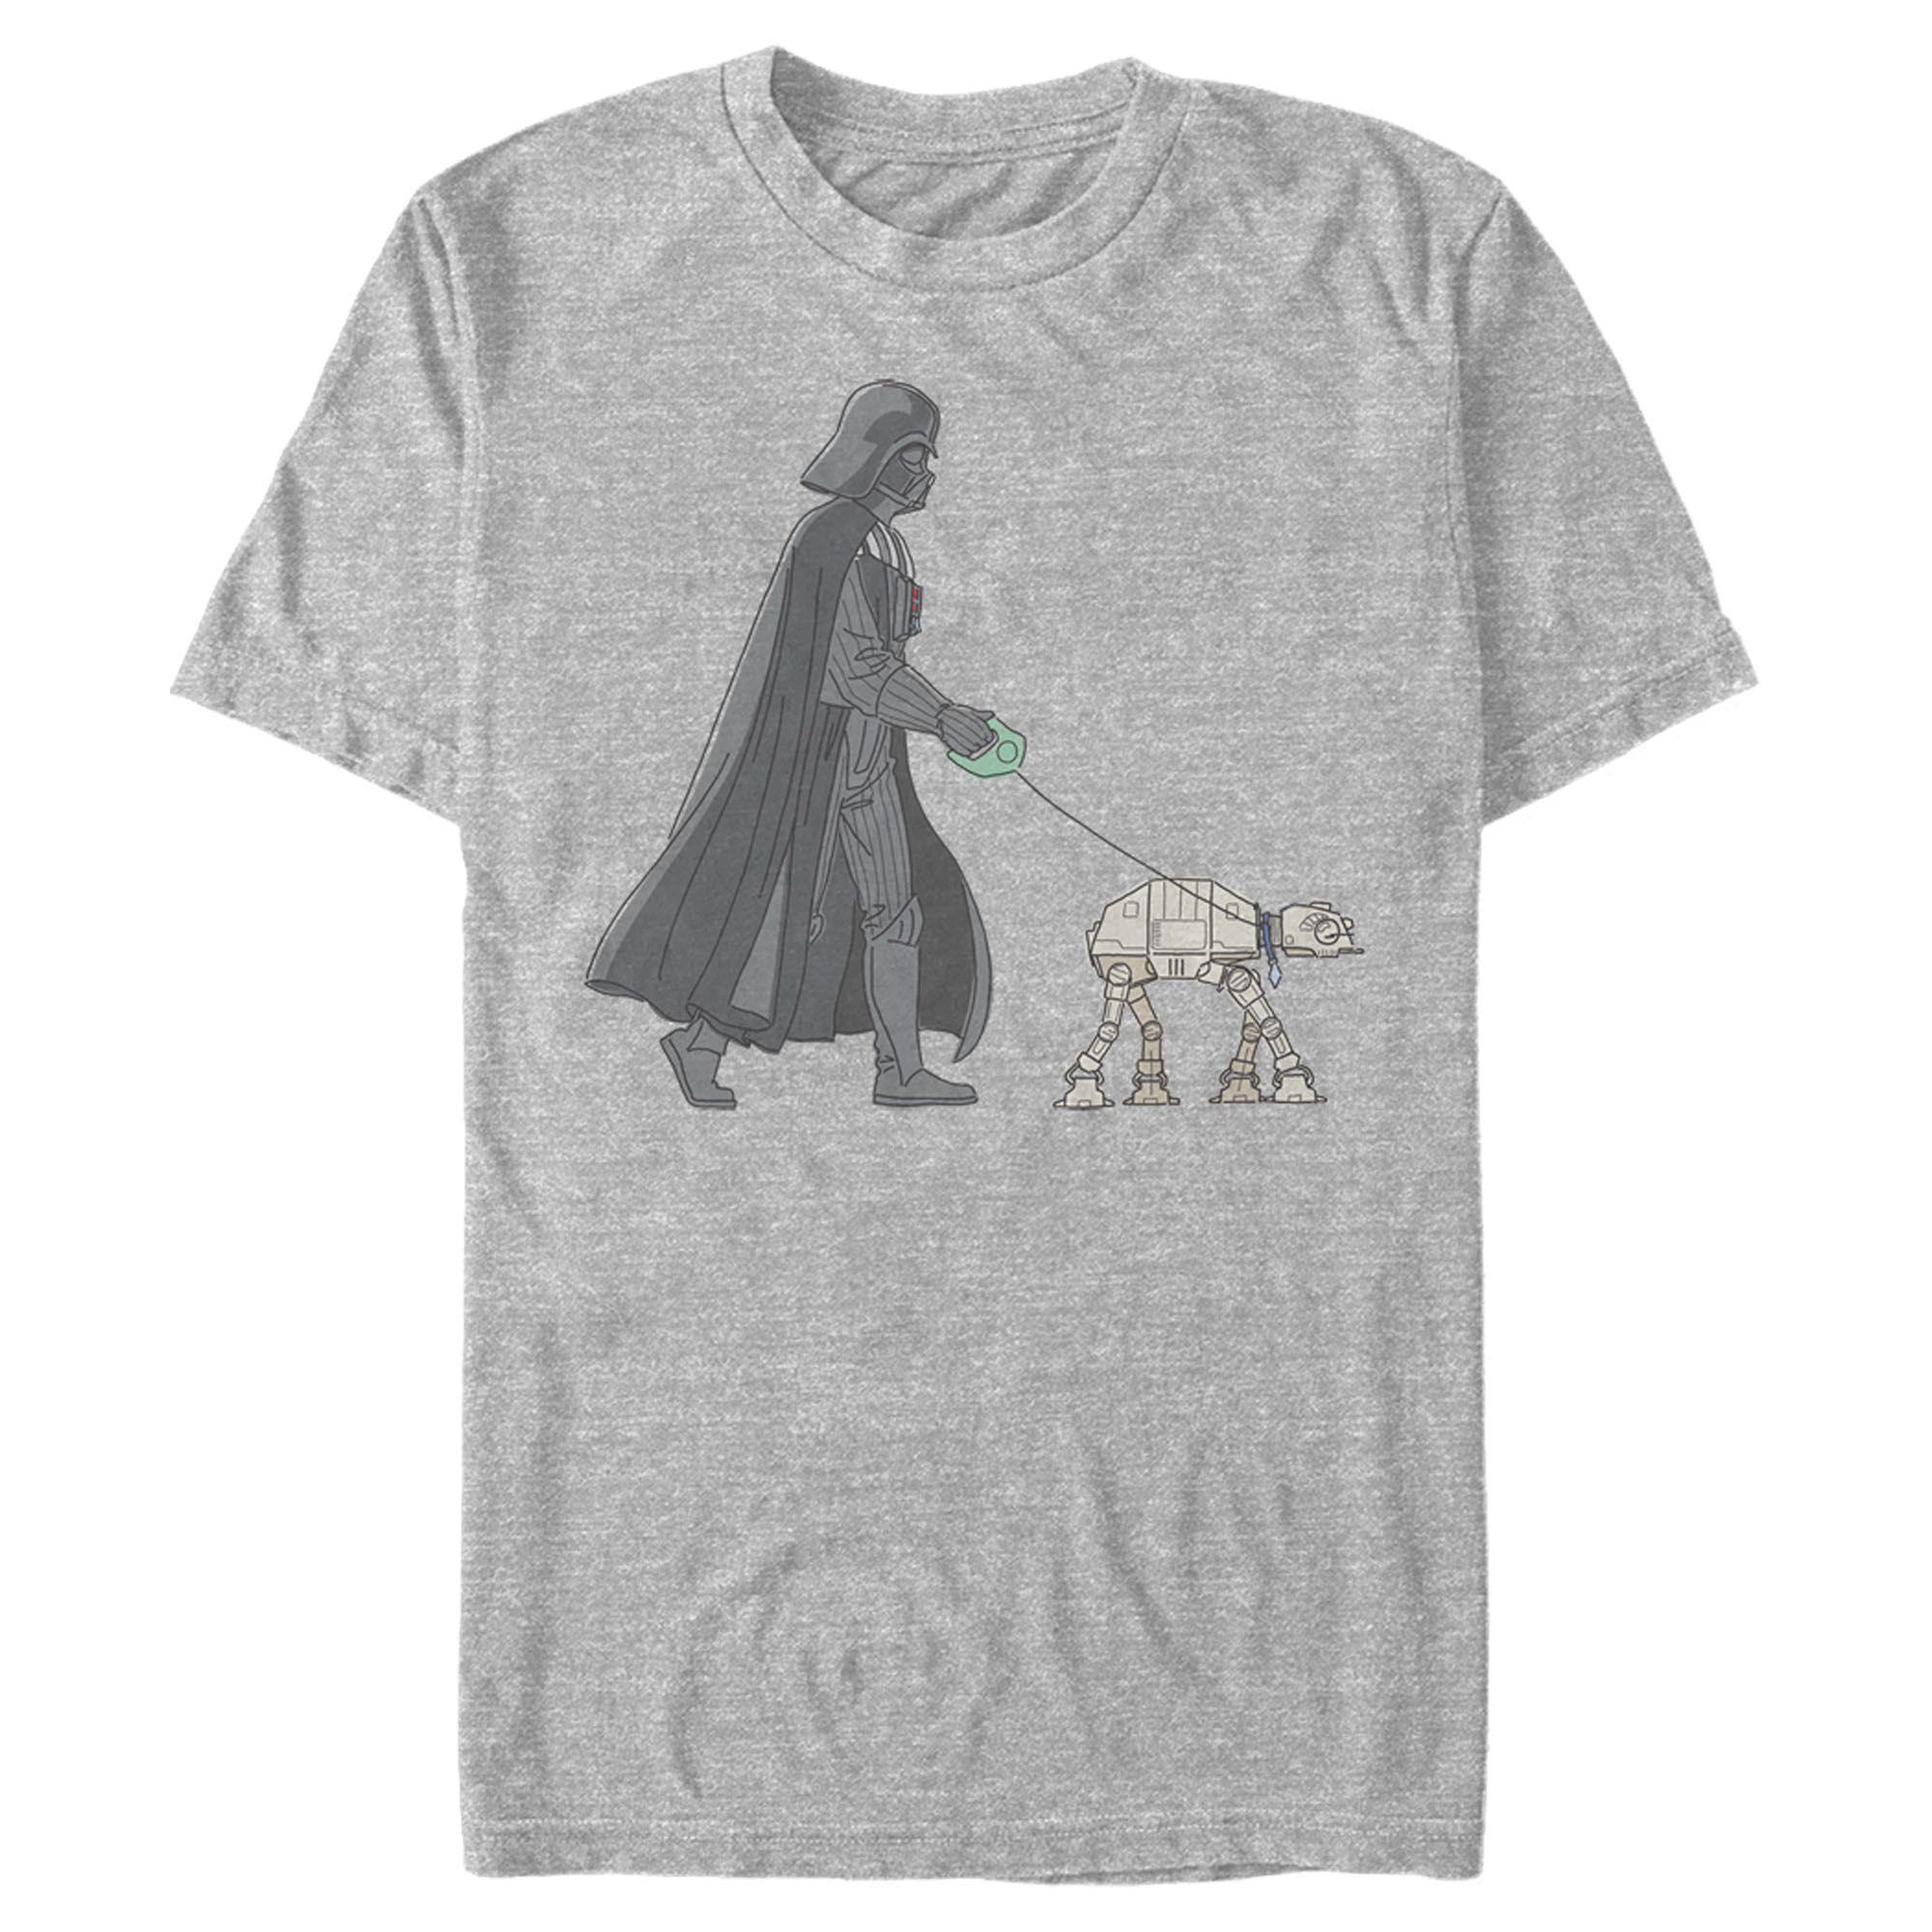 Star Wars Men S Darth Vader At At Walking The Dog T Shirt In 2021 Star Wars Outfits Star Wars Men Star Wars Shirts [ 2000 x 2000 Pixel ]